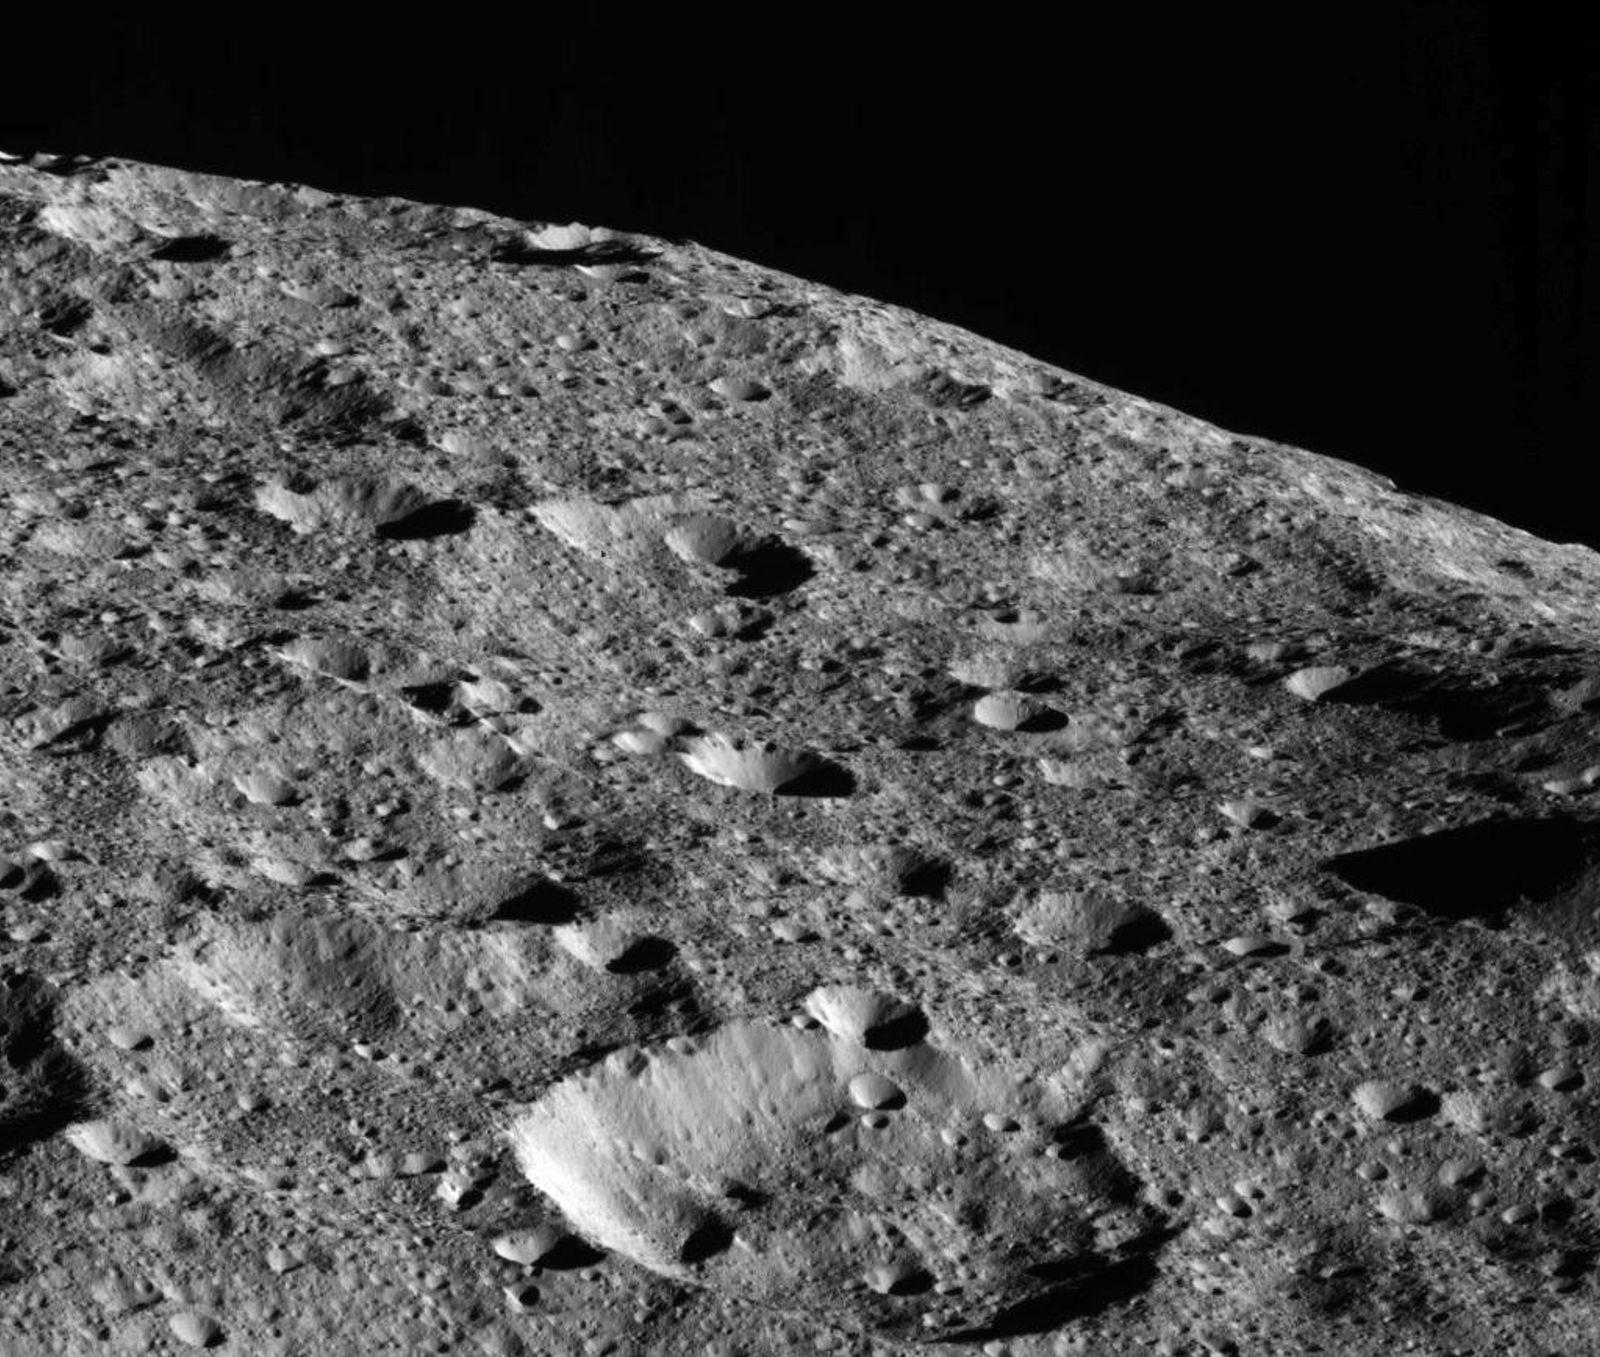 Découverte : une planète naine située entre Mars et Jupiter serait géologiquement active